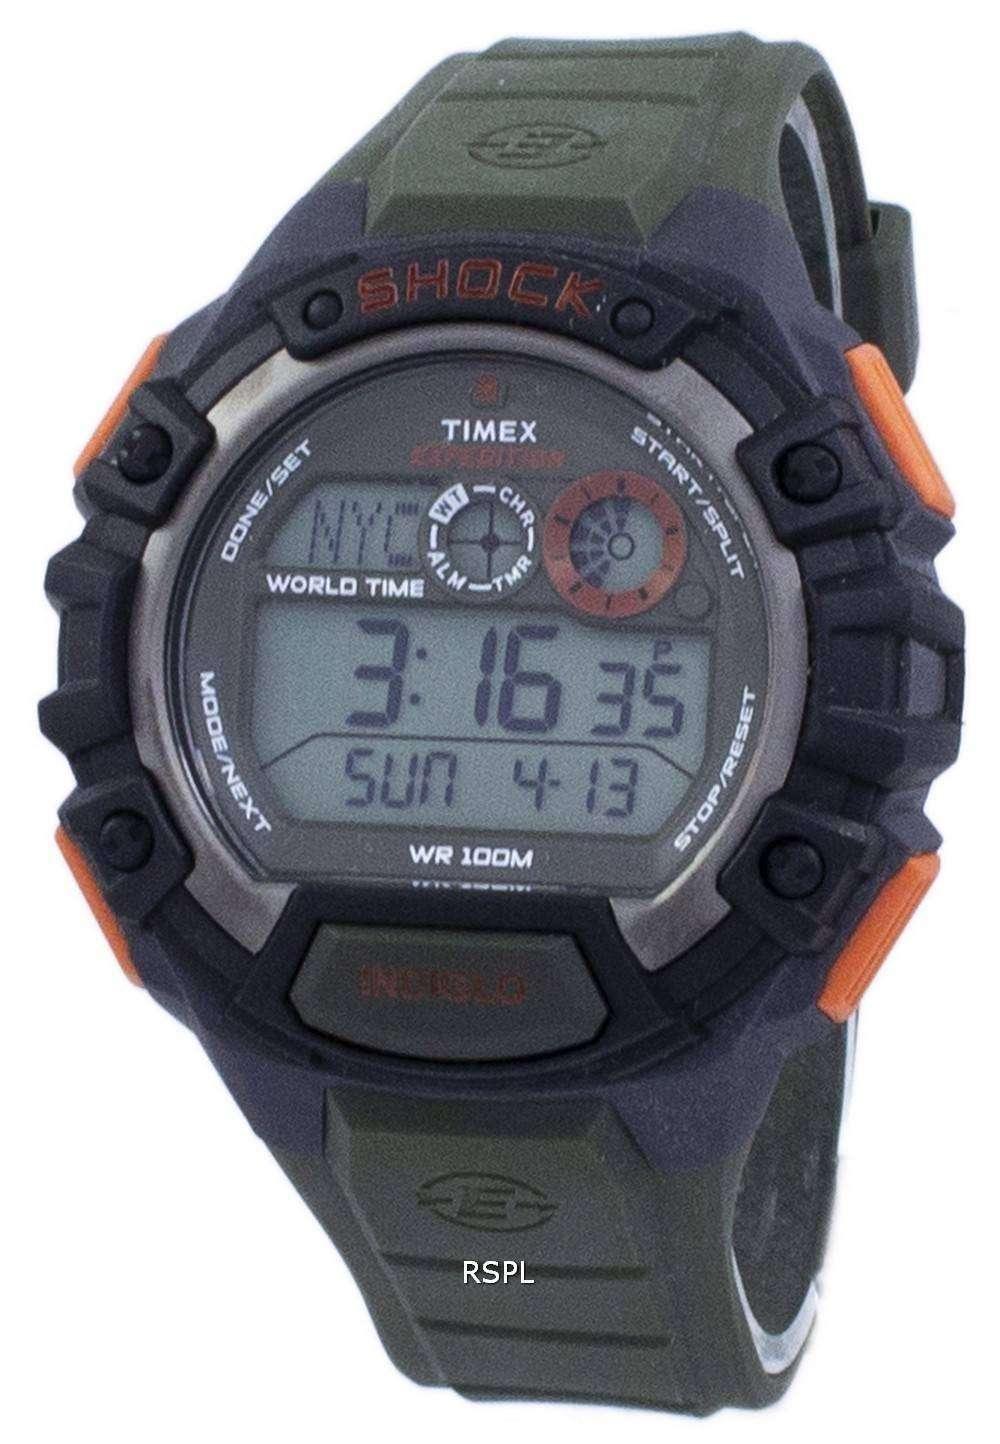 38eee49621bd Reloj Timex Expedition Shock mundo tiempo Indiglo Digital T49972 de los  hombres